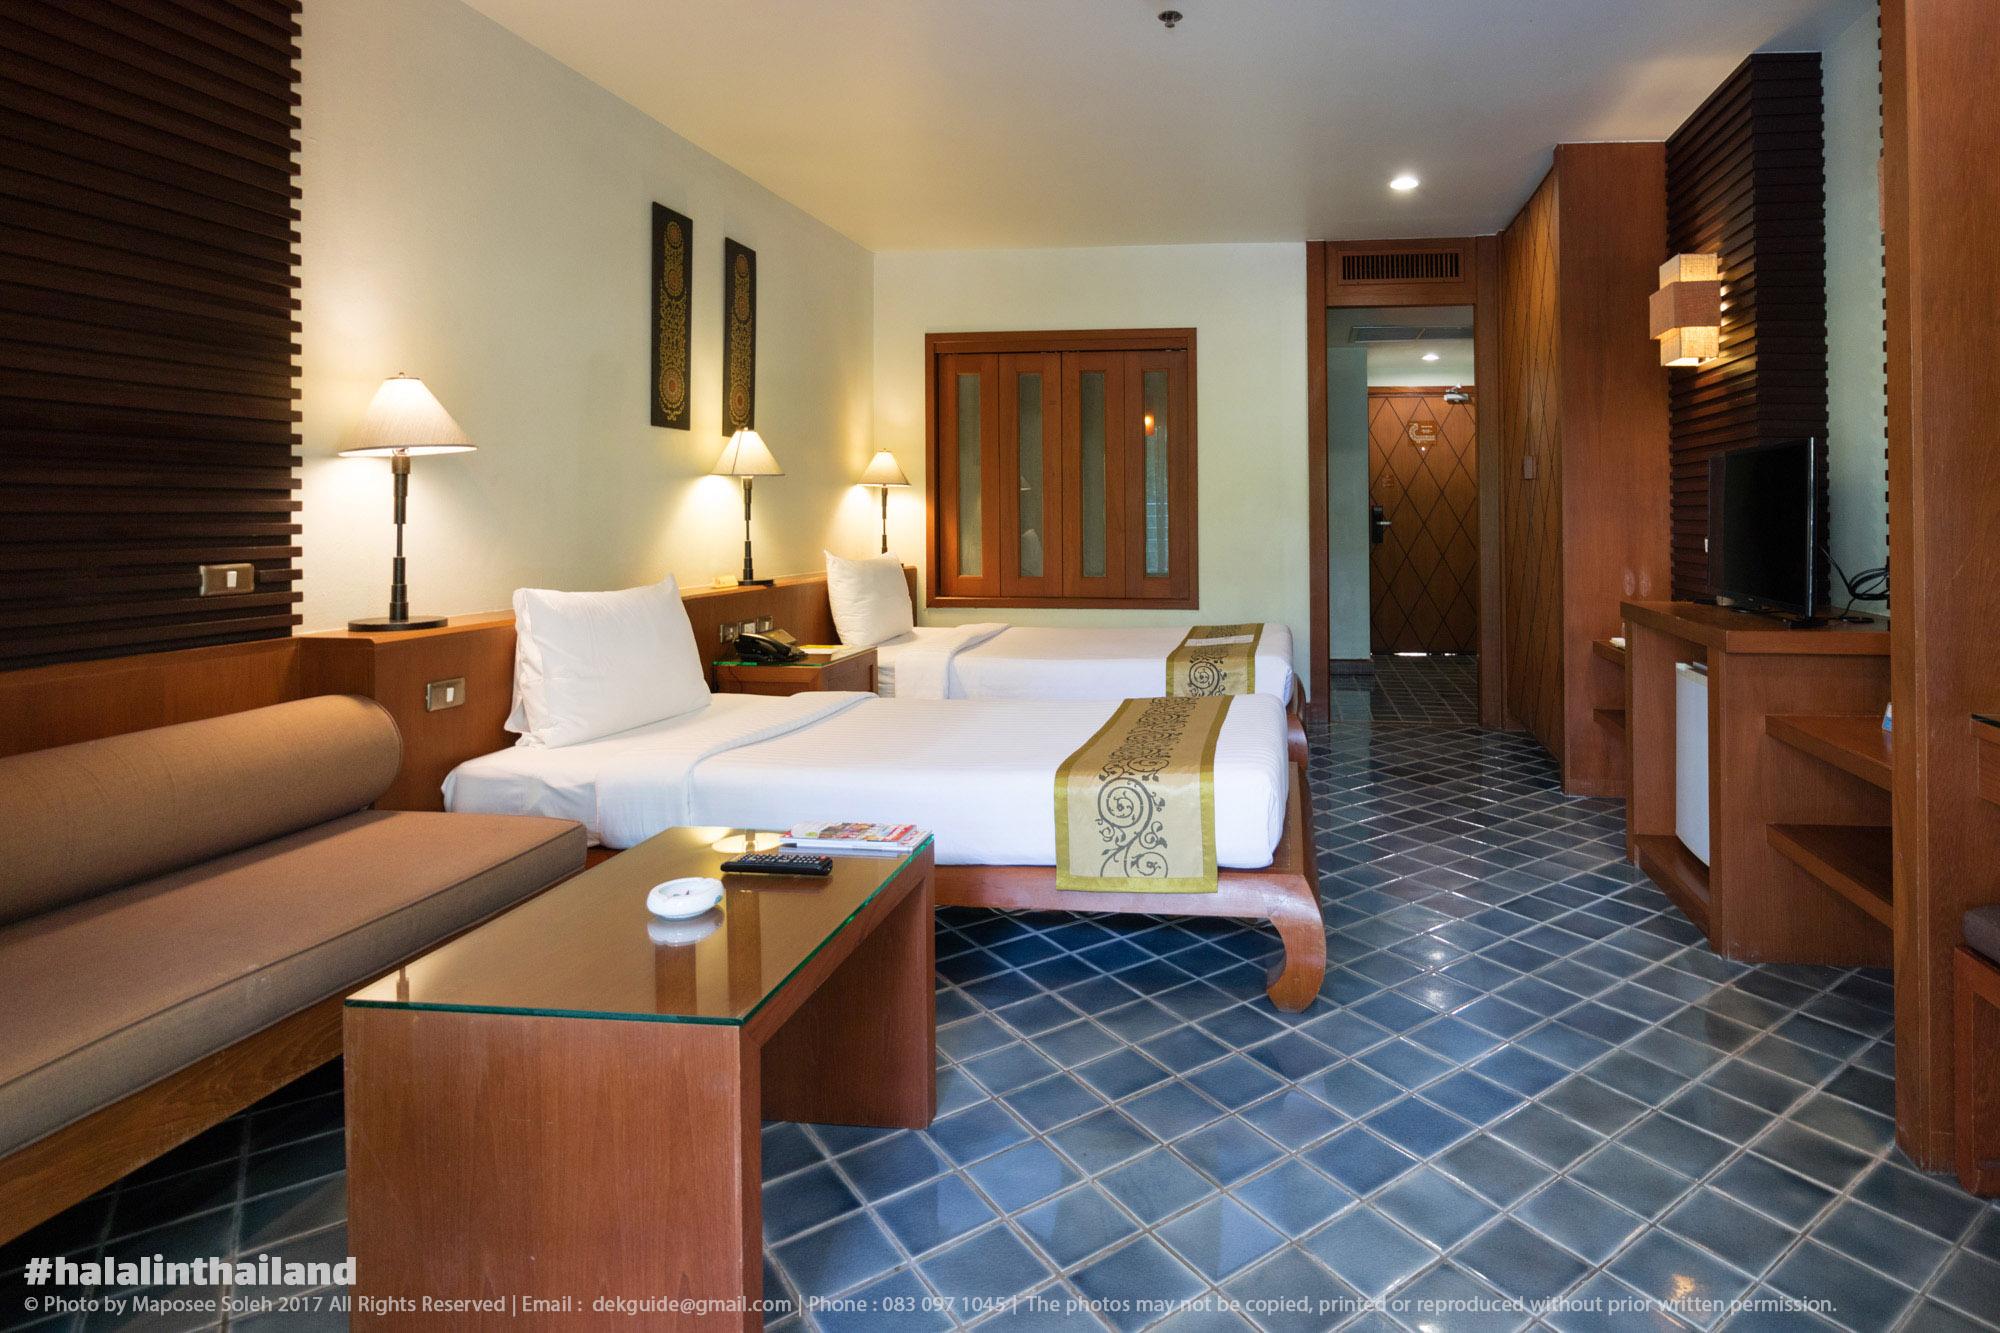 โรงแรมฮาลาล ภูเก็ต ห้องอาหารคาซาบลังก้า เดอะ รอยัล พาราไดซ์ โฮเทล แอนด์ สปา ภูเก็ต